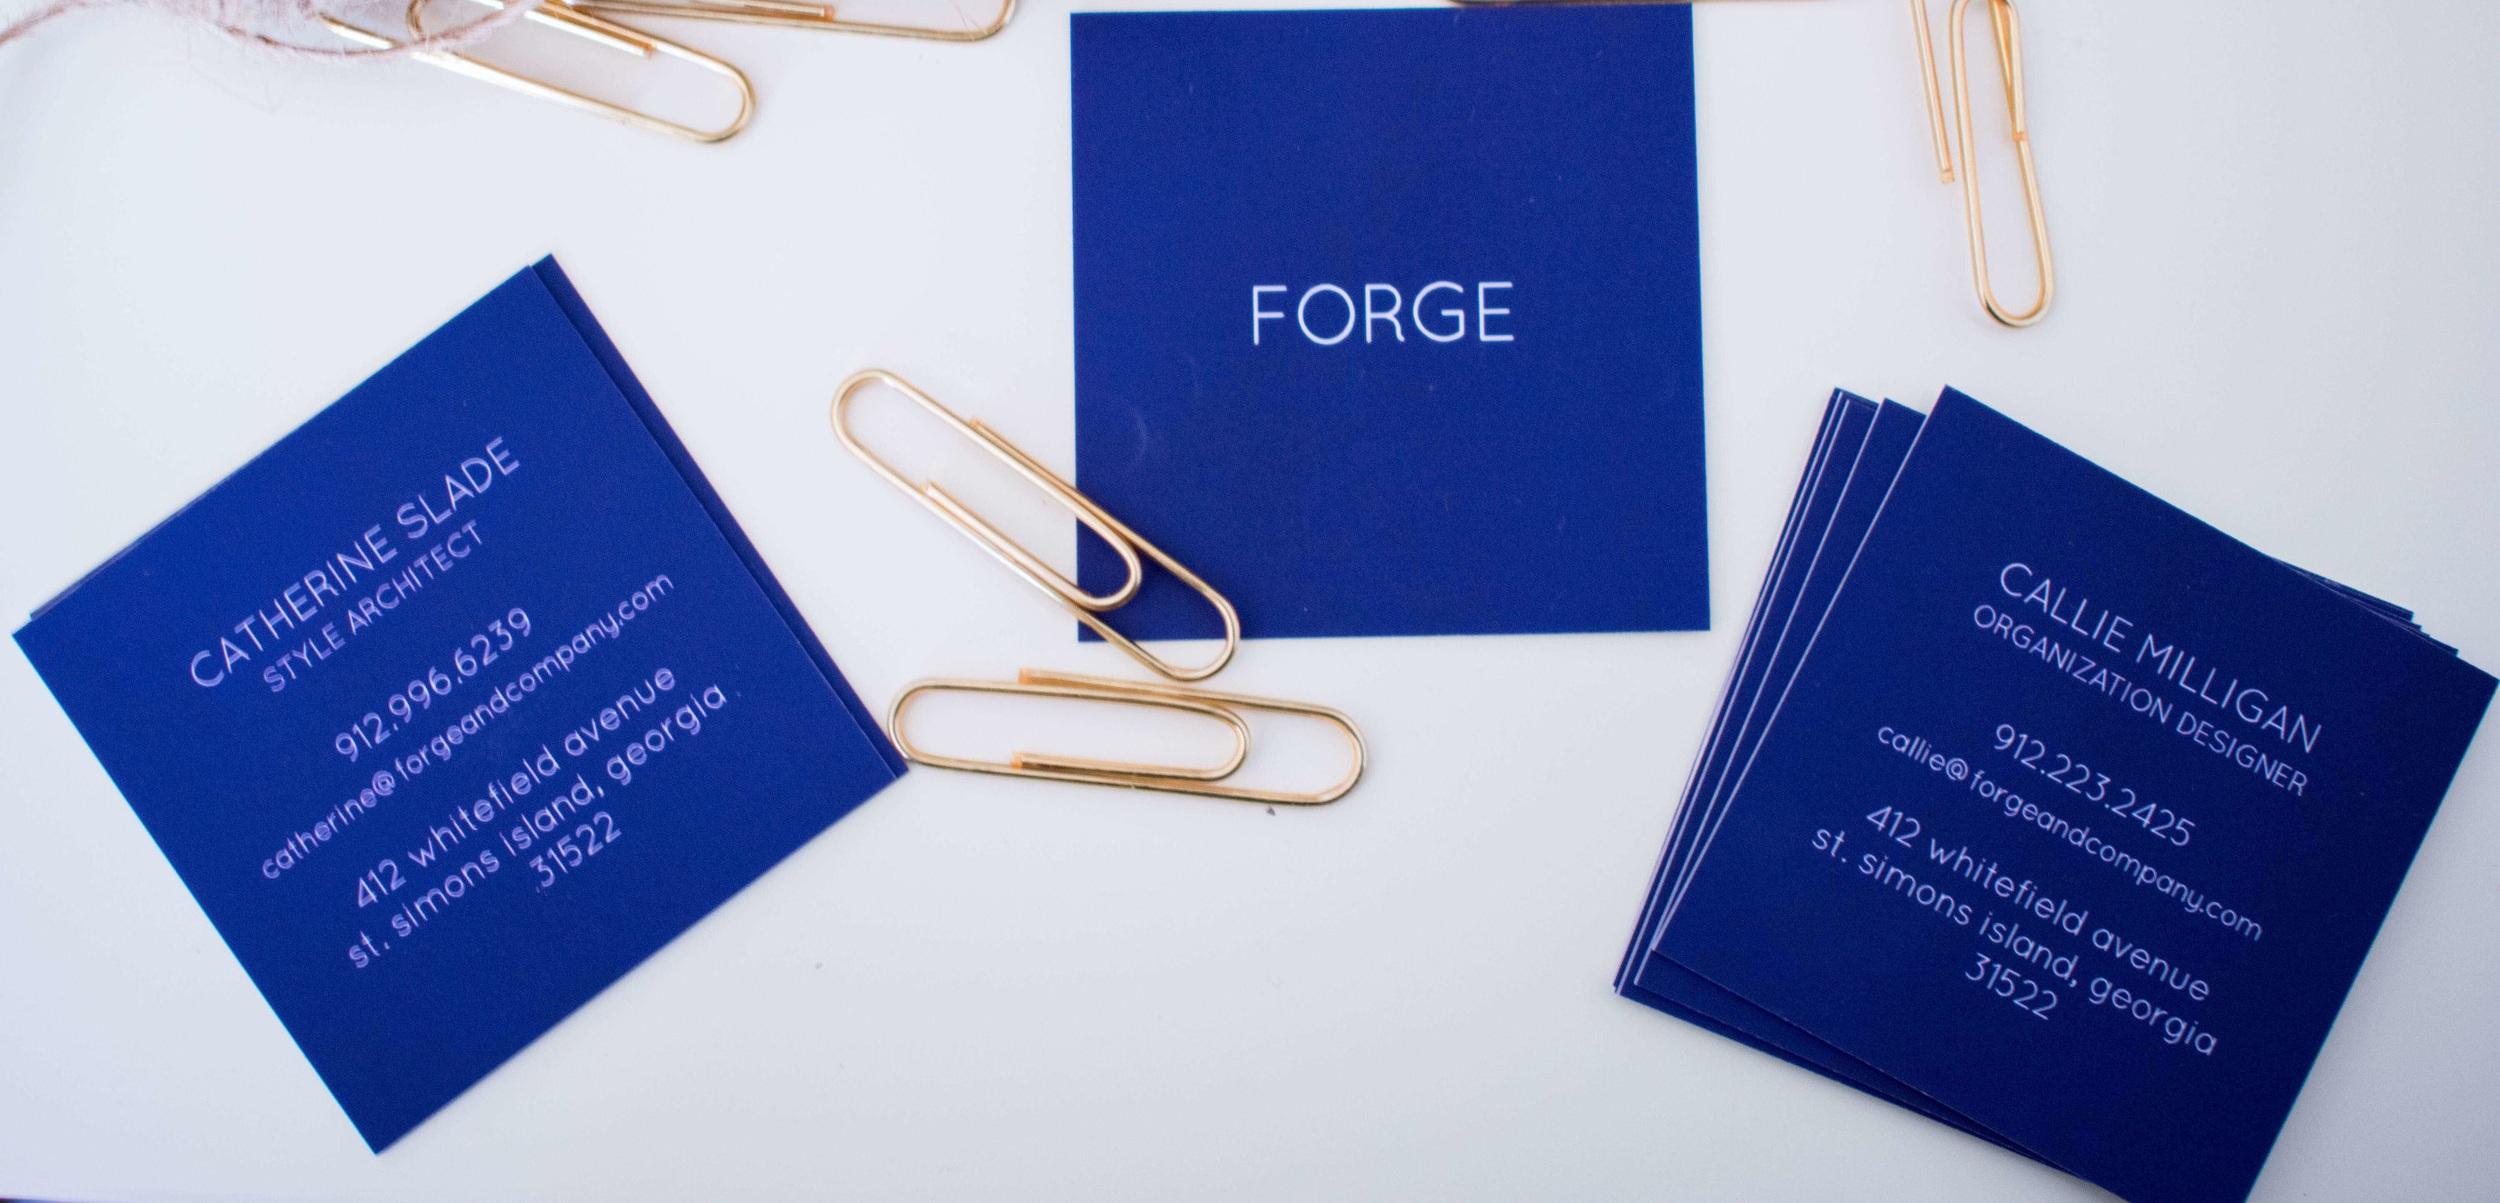 forge-business cards-portfolio